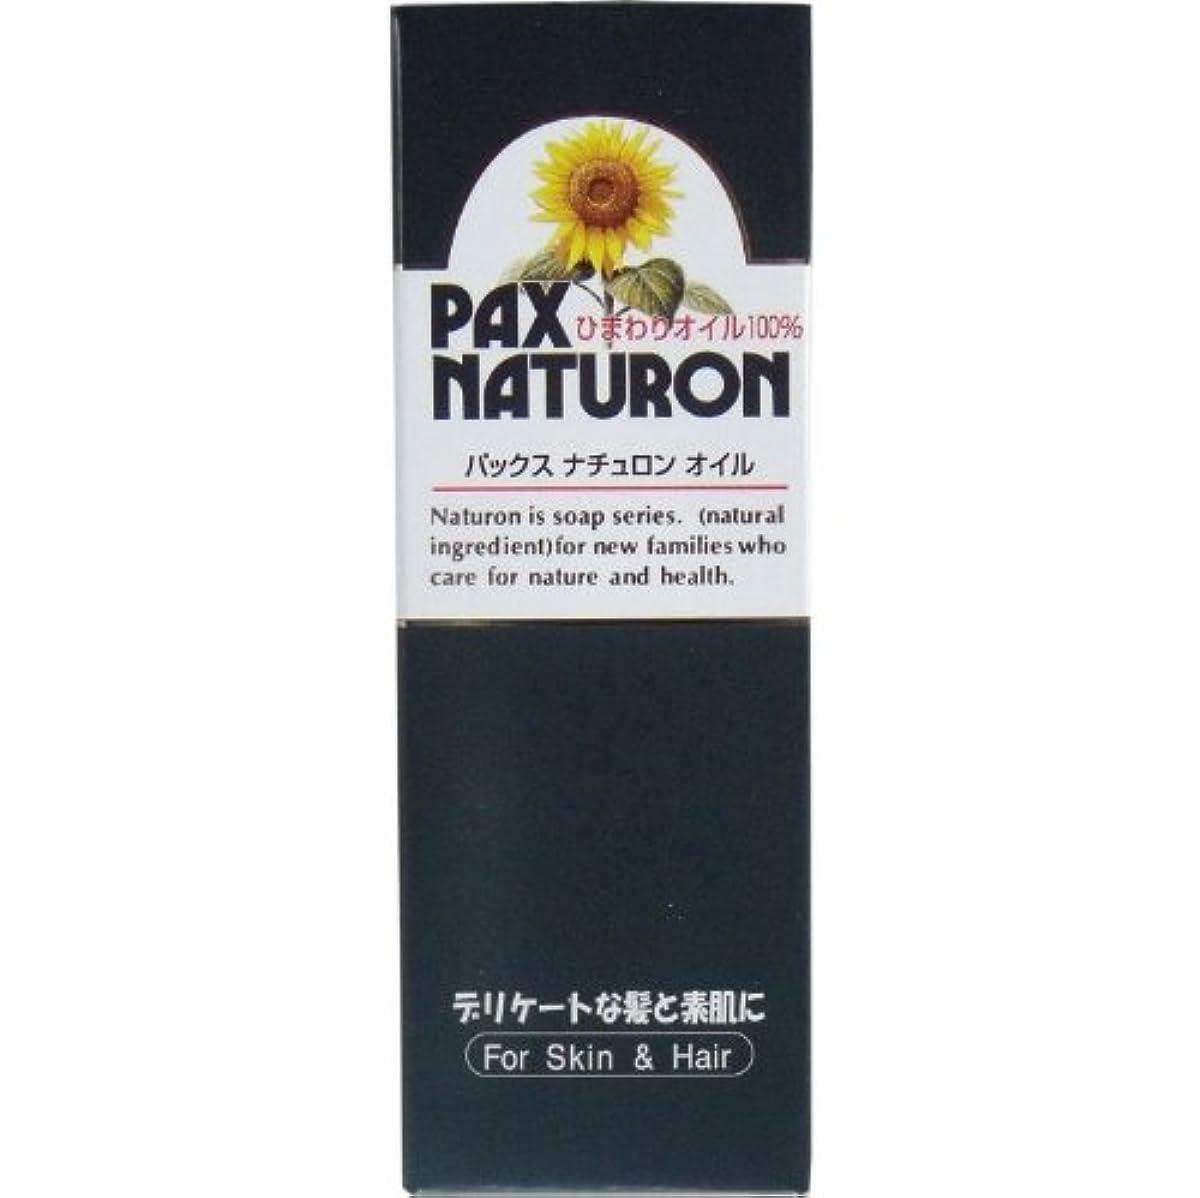 十分な艶日焼けデリケートな髪と素肌に!ひまわりの種子から採った ハイオレイックひまわり油 60mL【5個セット】